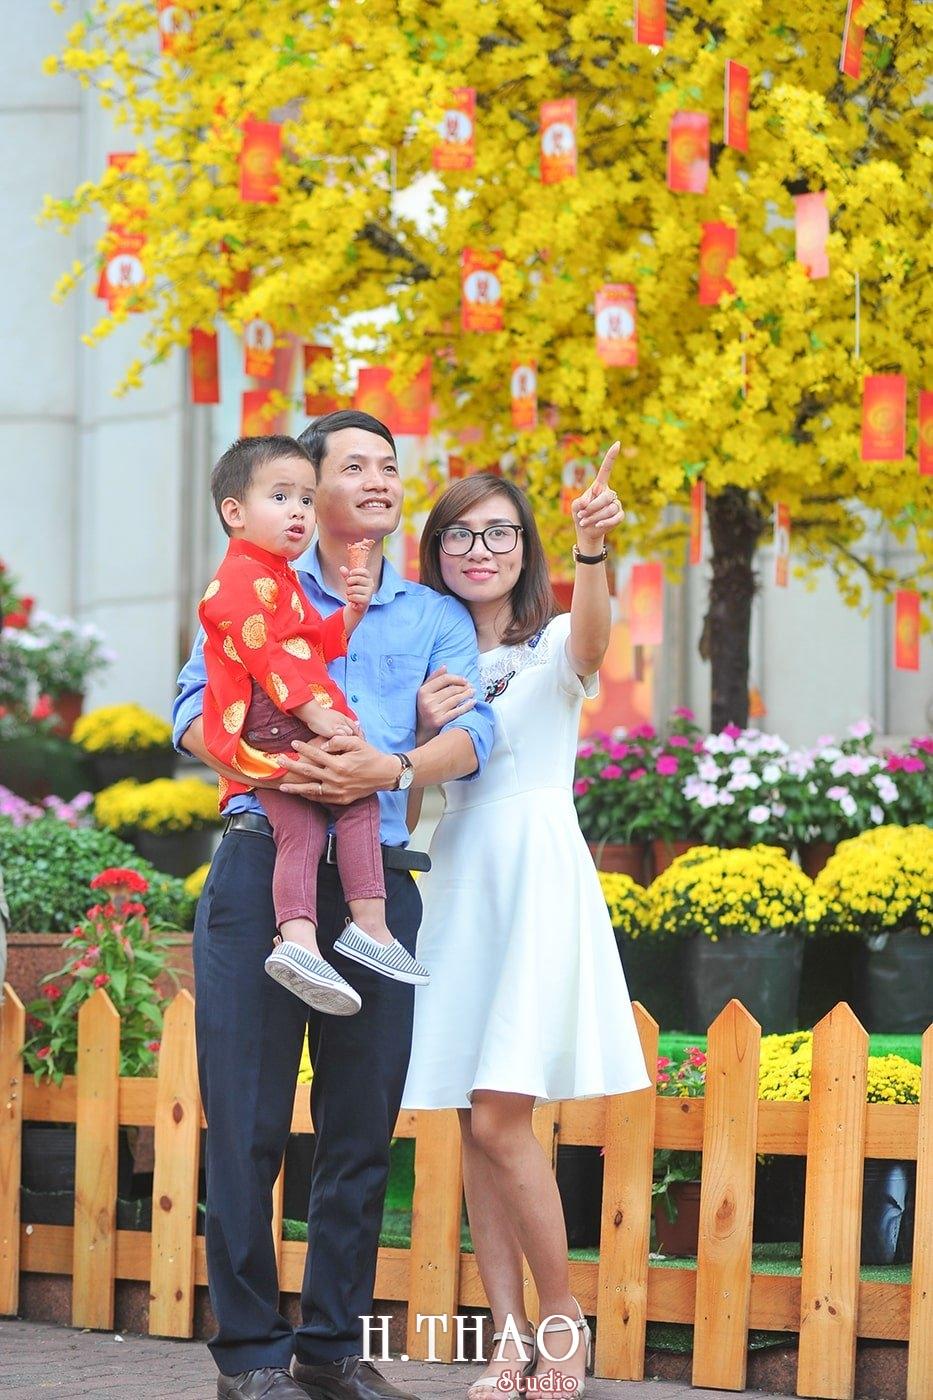 Anh gia dinh anh phong 1 - Ảnh chụp gia đình anh Phong Hồ, Quận 1 Tp.HCM